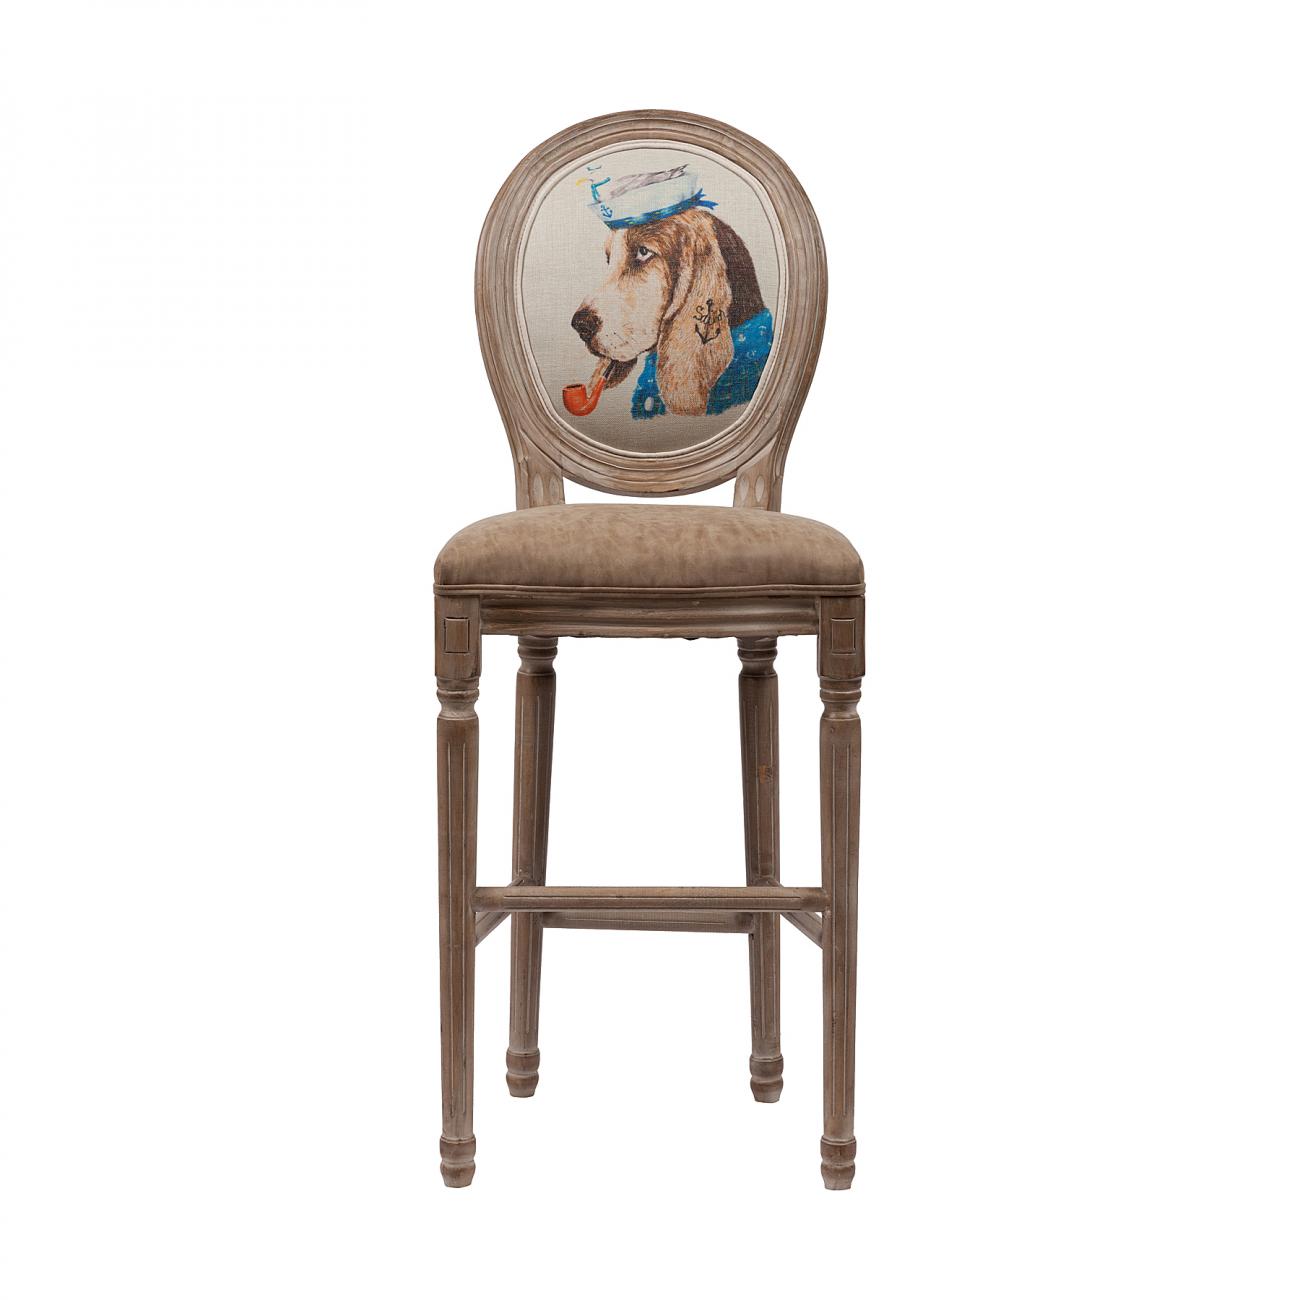 Купить Барный стул Sailor Dog в интернет магазине дизайнерской мебели и аксессуаров для дома и дачи